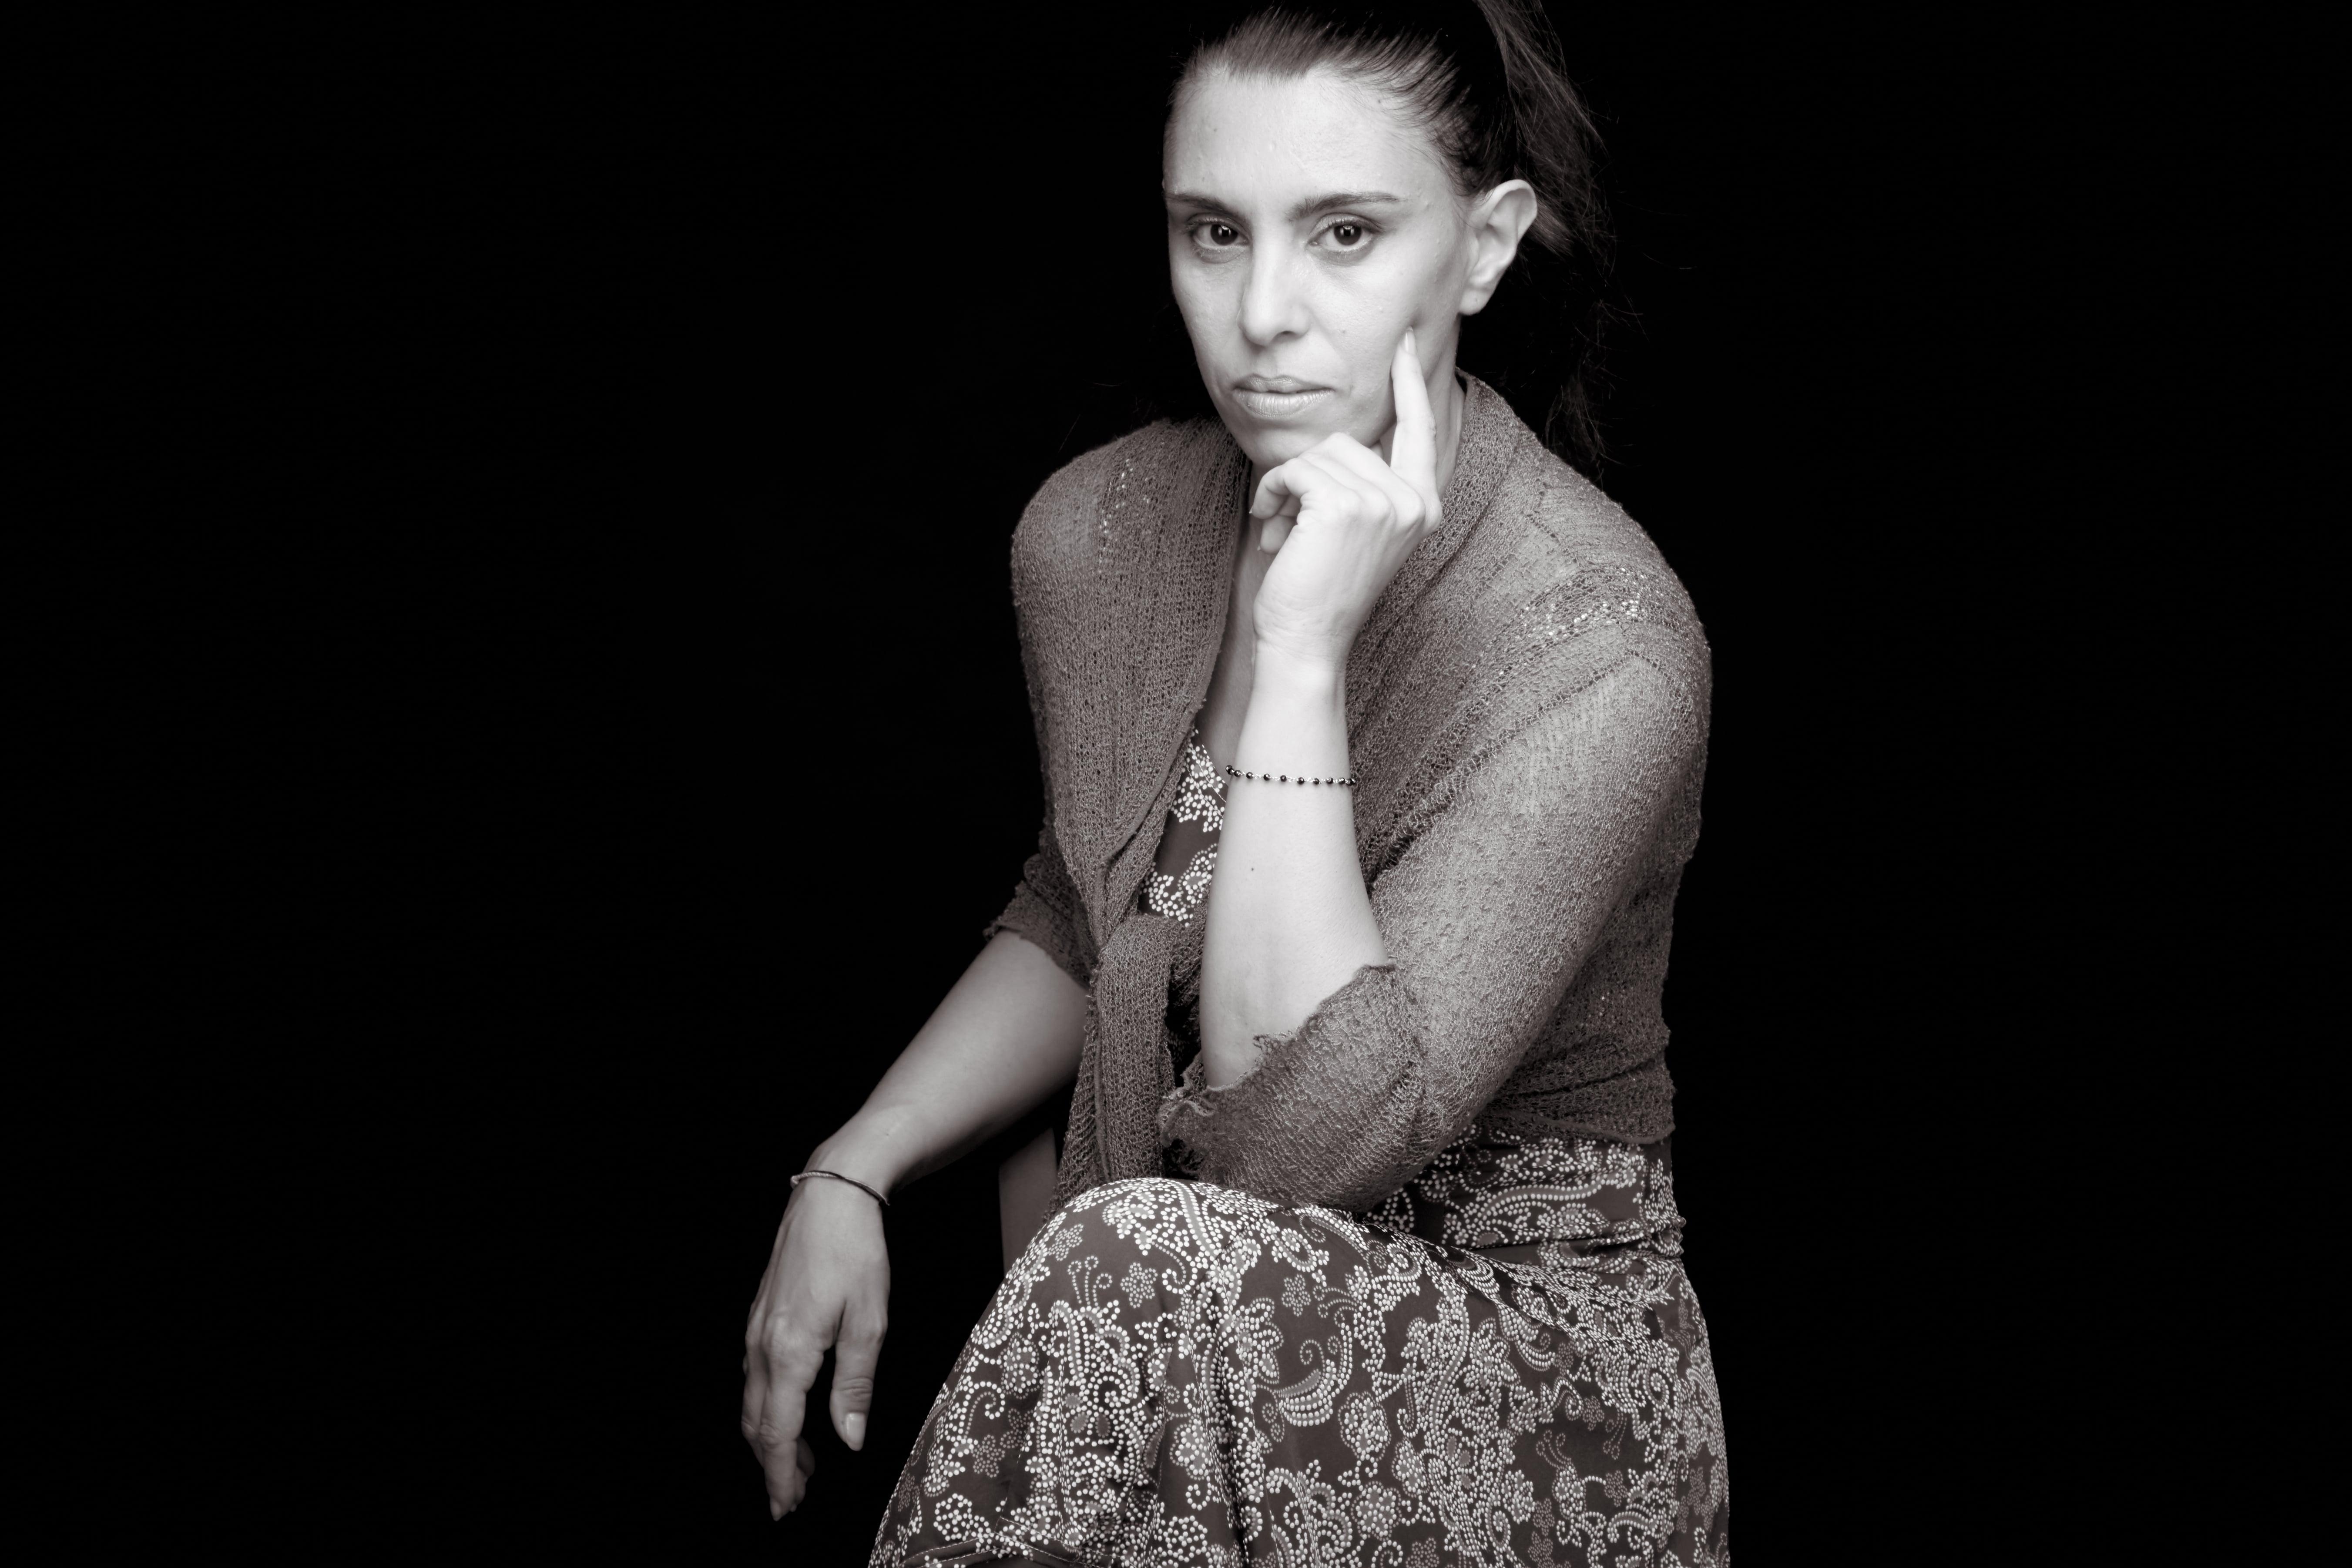 Recupera tu relación mediante la terapia de pareja - Chiara Leoni, psicóloga y terapeuta de pareja en Barcelona.